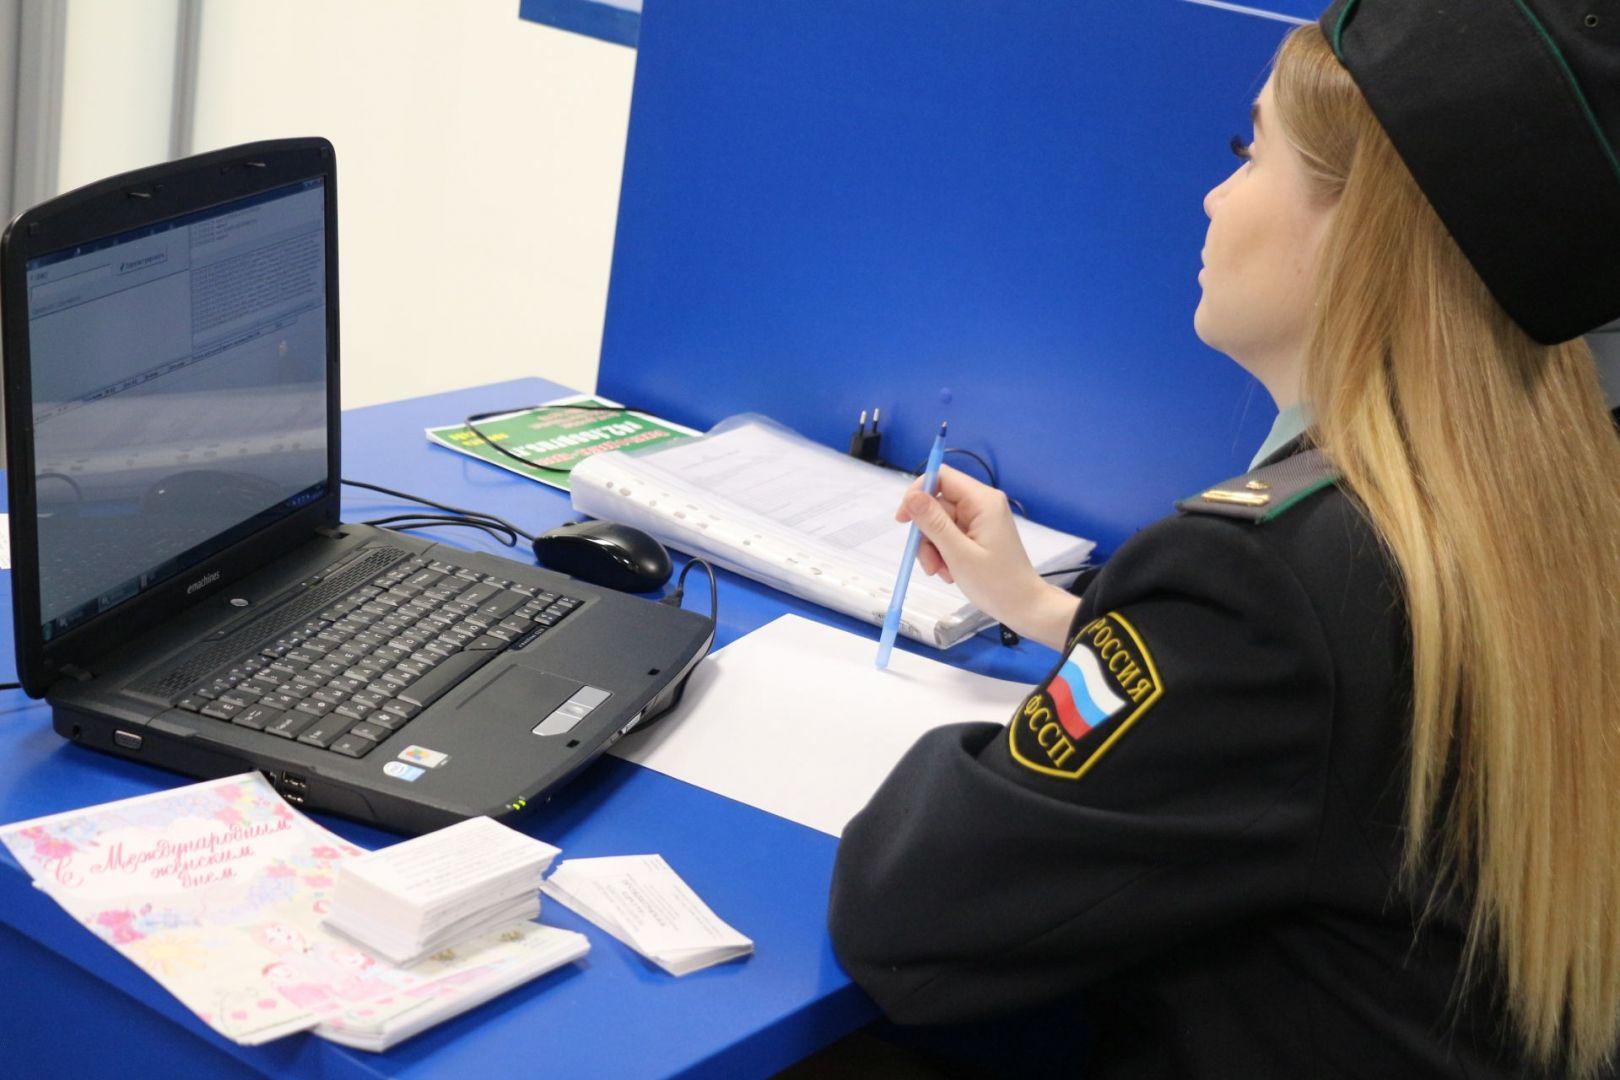 Проверить долги у судебных приставов кемеровской взыскание задолженности по документам подписанным эцп